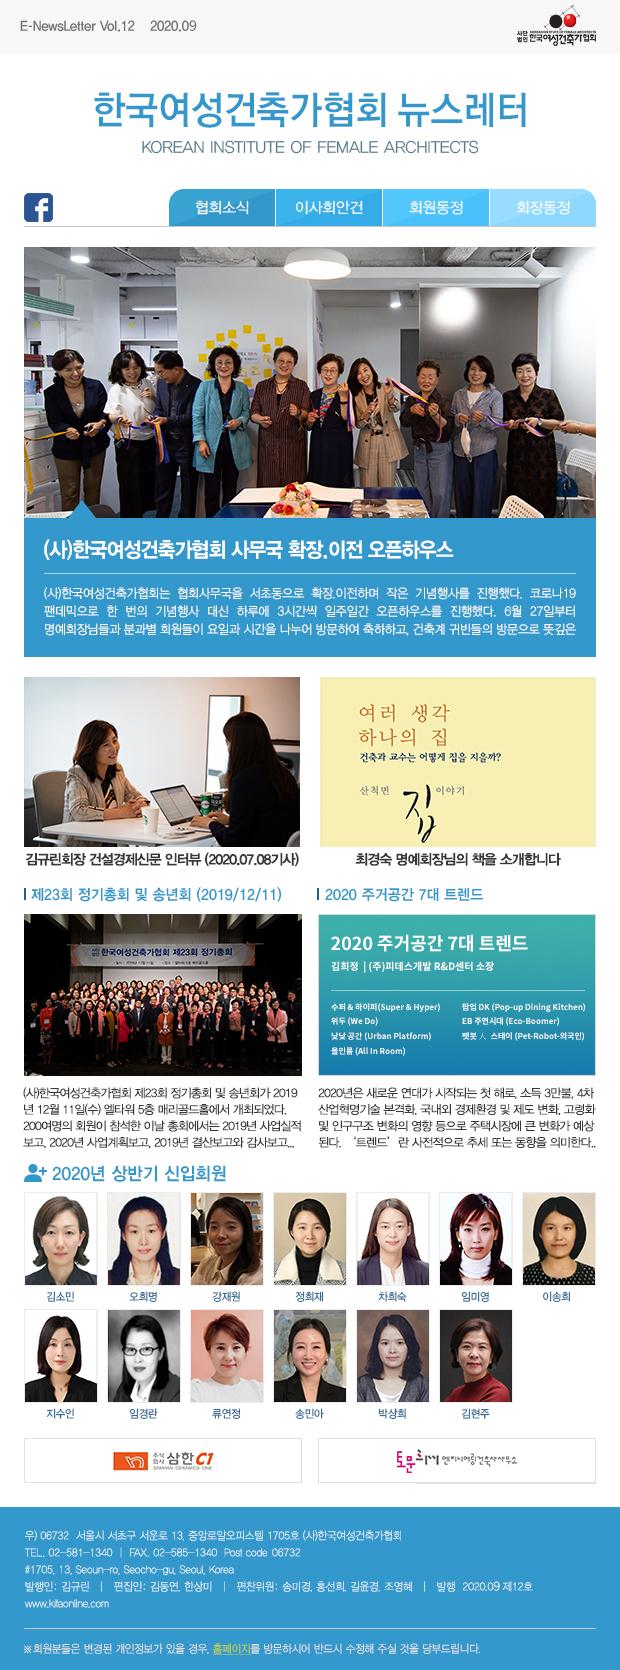 여성건축가 e 뉴스레터 vol07